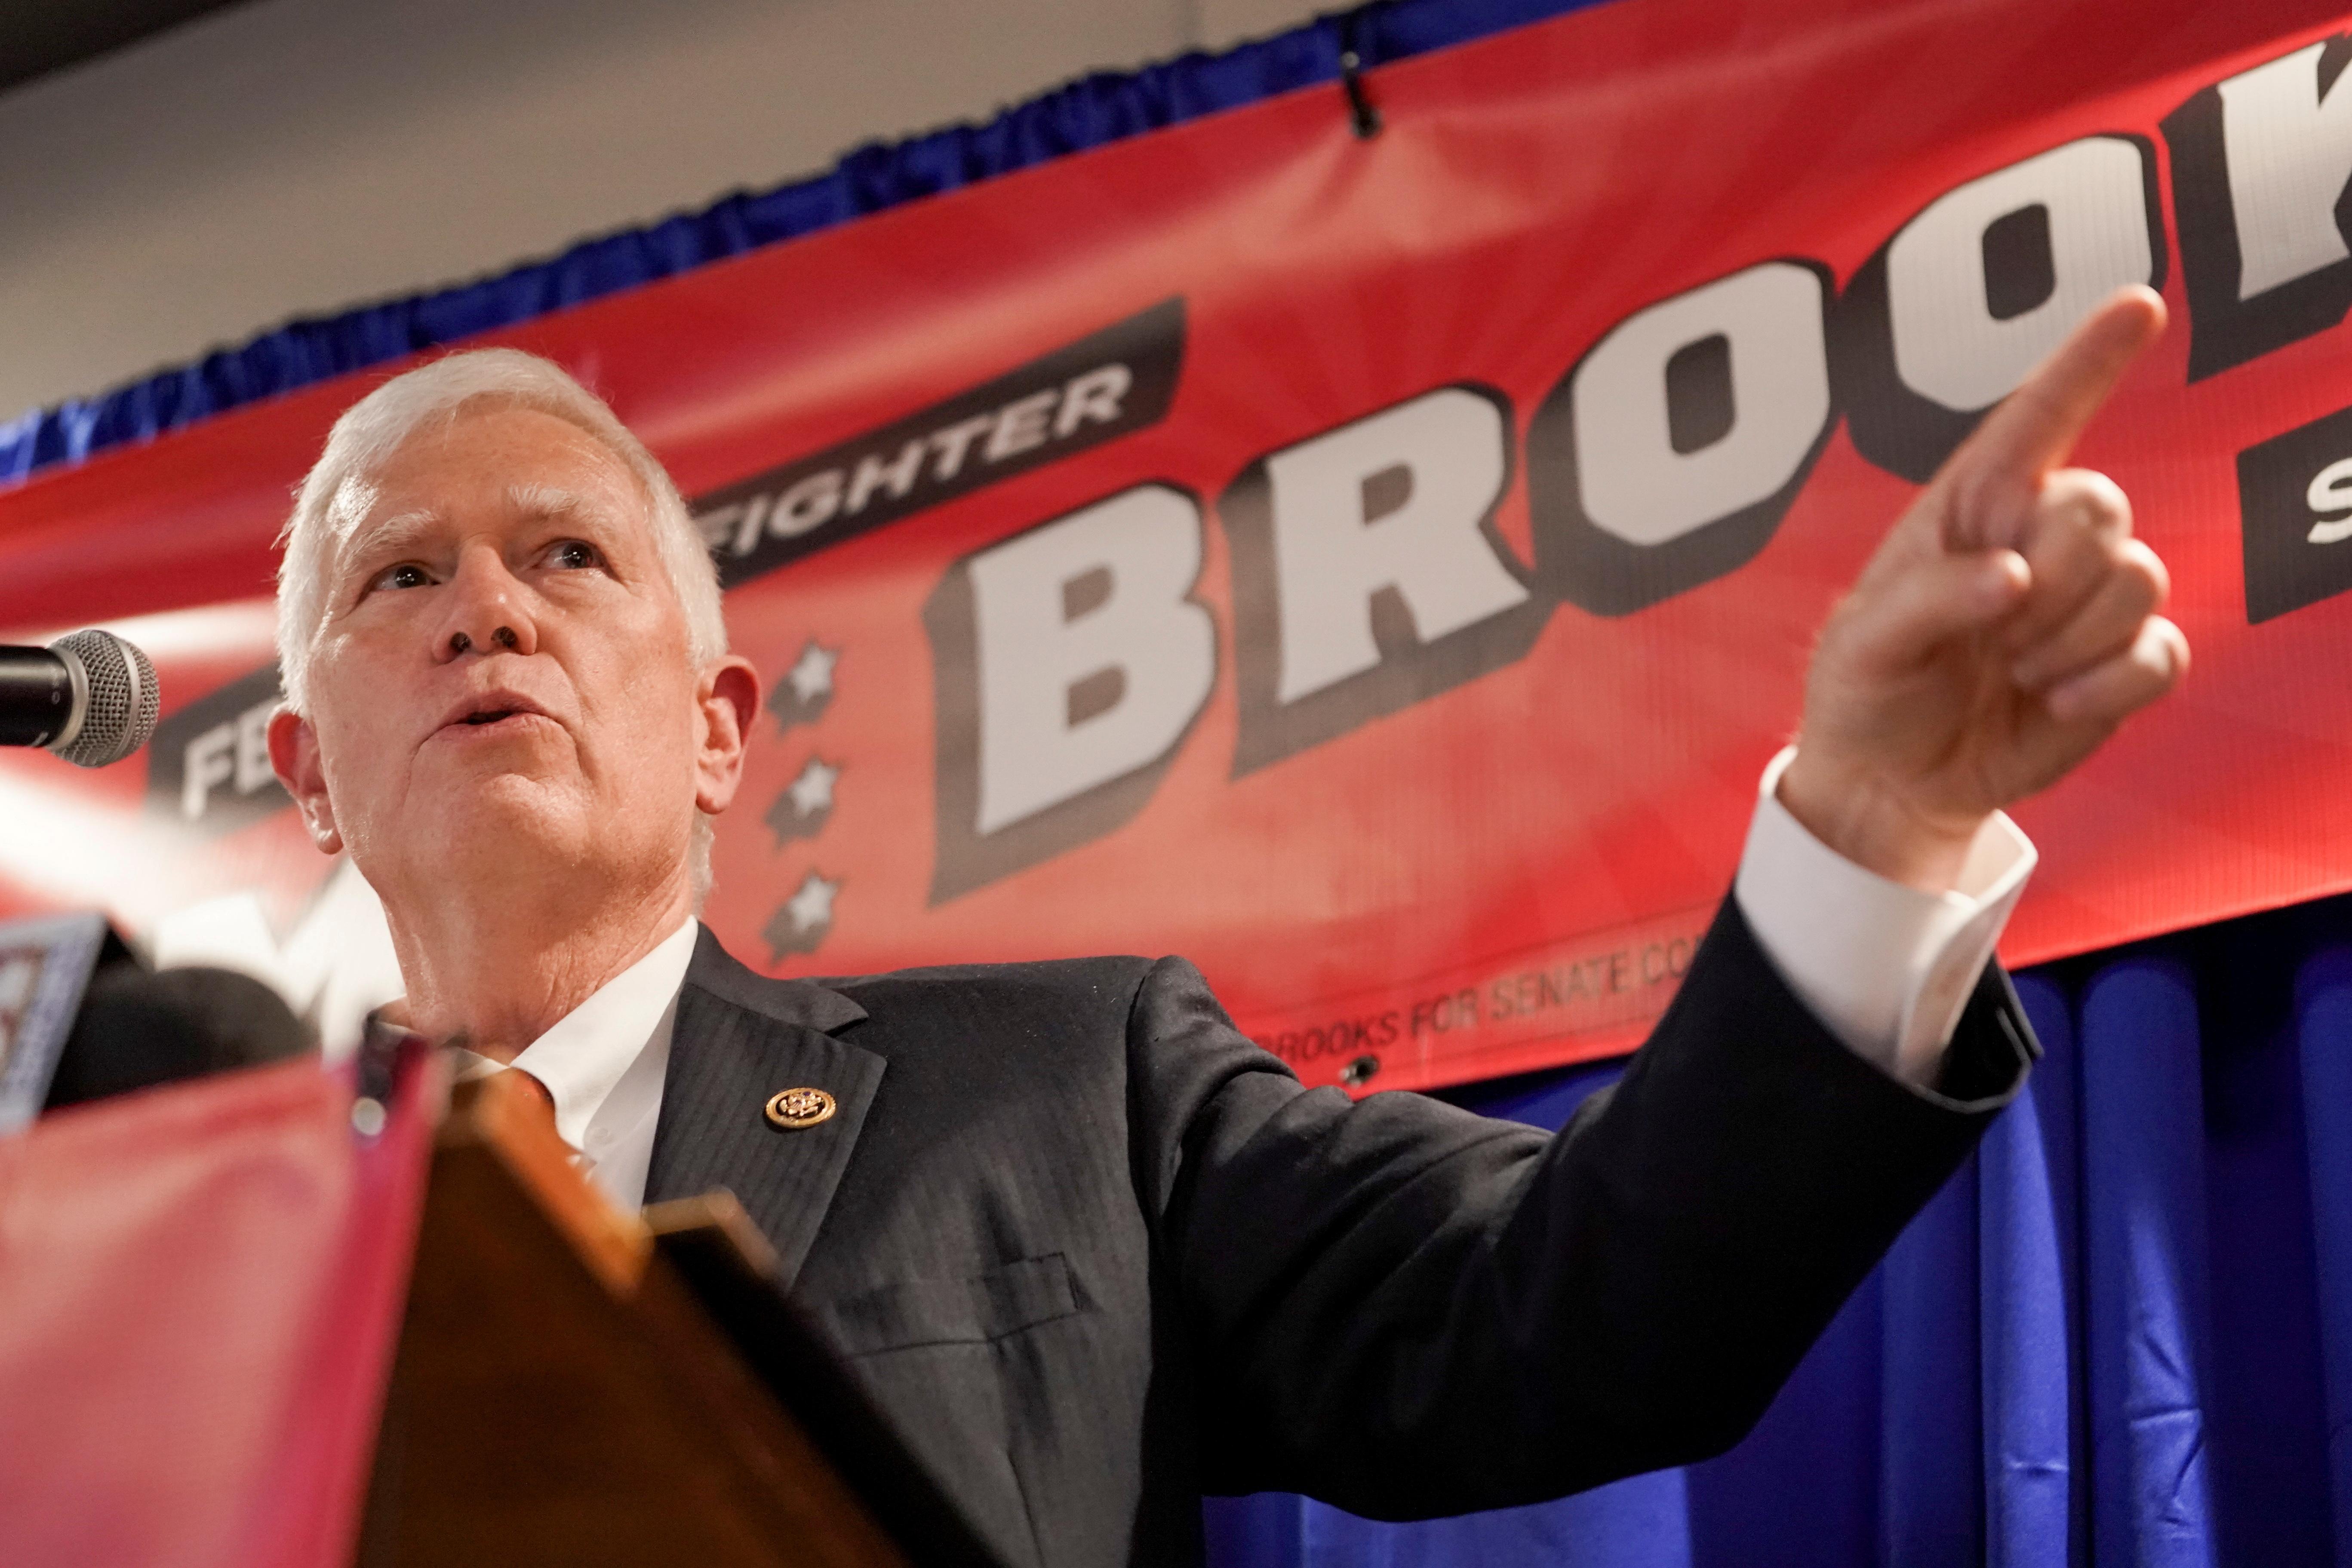 U.S. Rep. Mo Brooks (R-AL) makes an announcement in Huntsville, Alabama, U.S. March 22, 2021. REUTERS/Elijah Nouvelage/File Photo